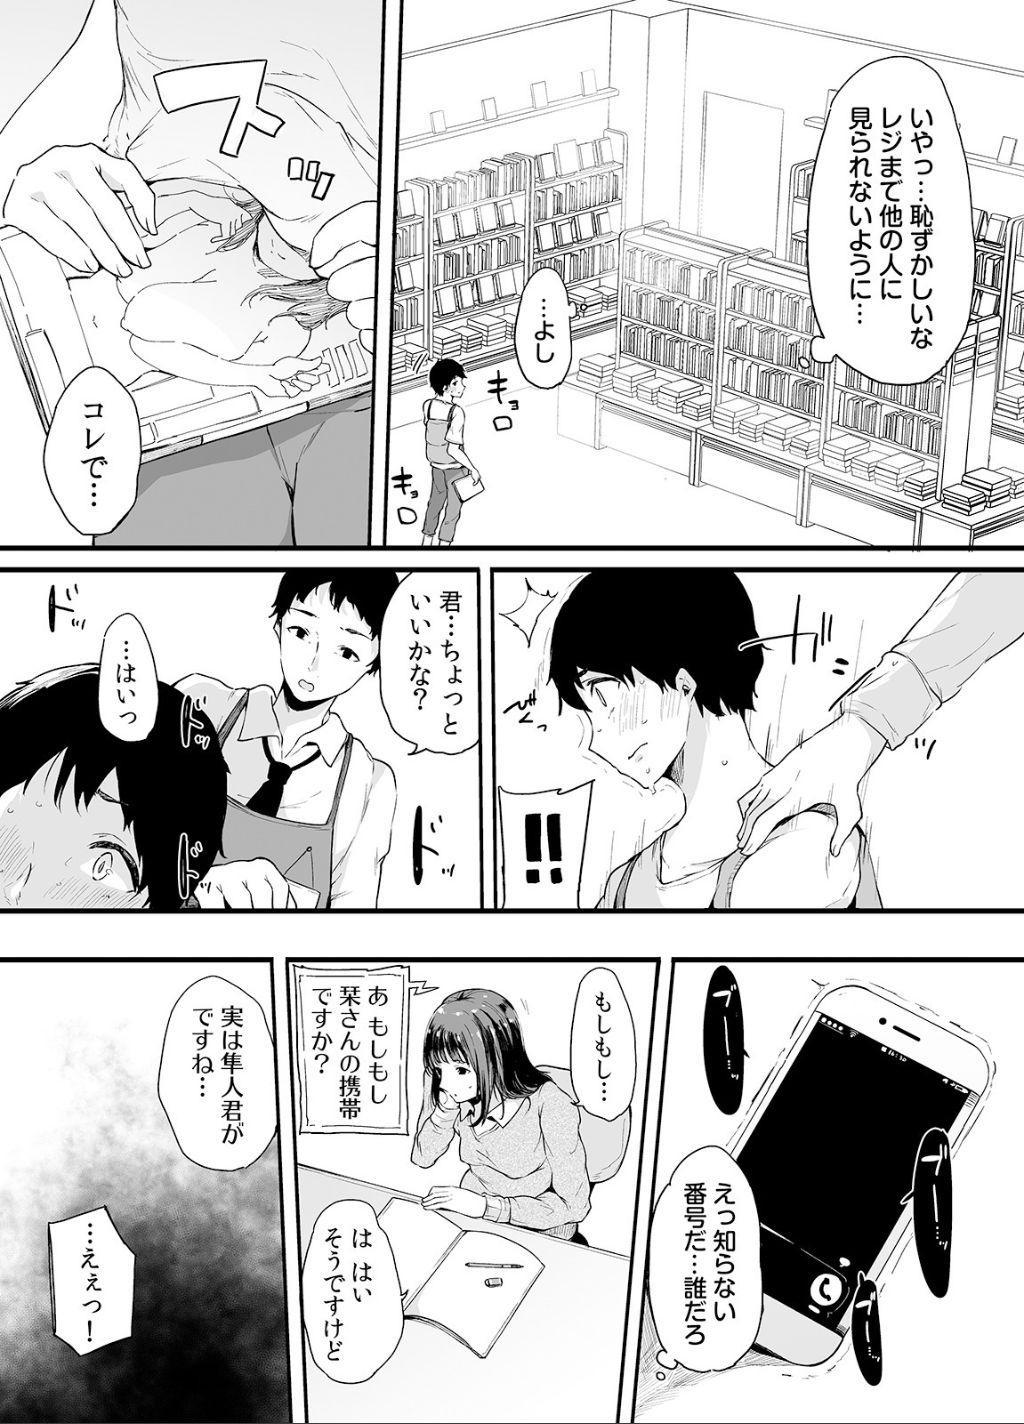 Otouto ni Ero Manga to Onaji Koto o Sare Chau o Nee-chan no Hanashi 2 41